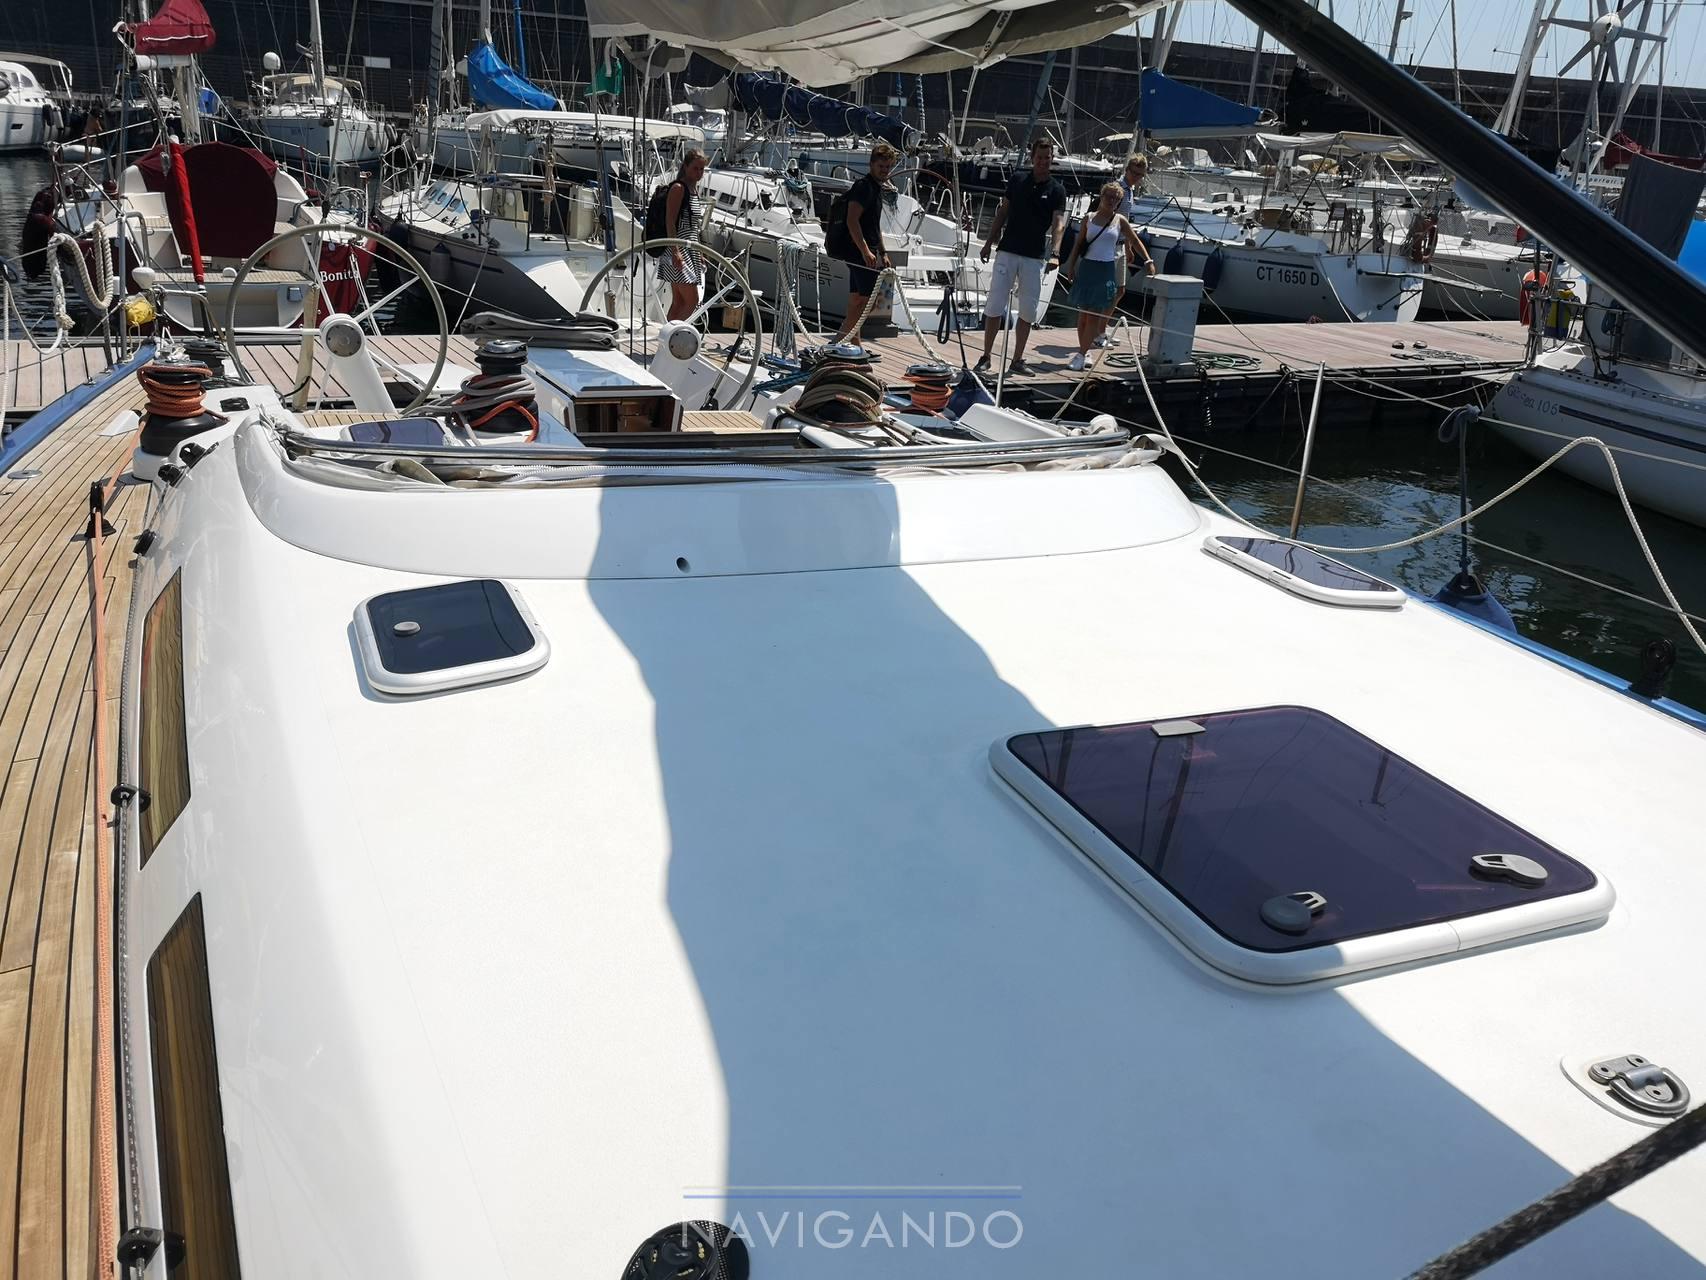 Felci YAcht  cost. Adria Adria Felci 49 Foto